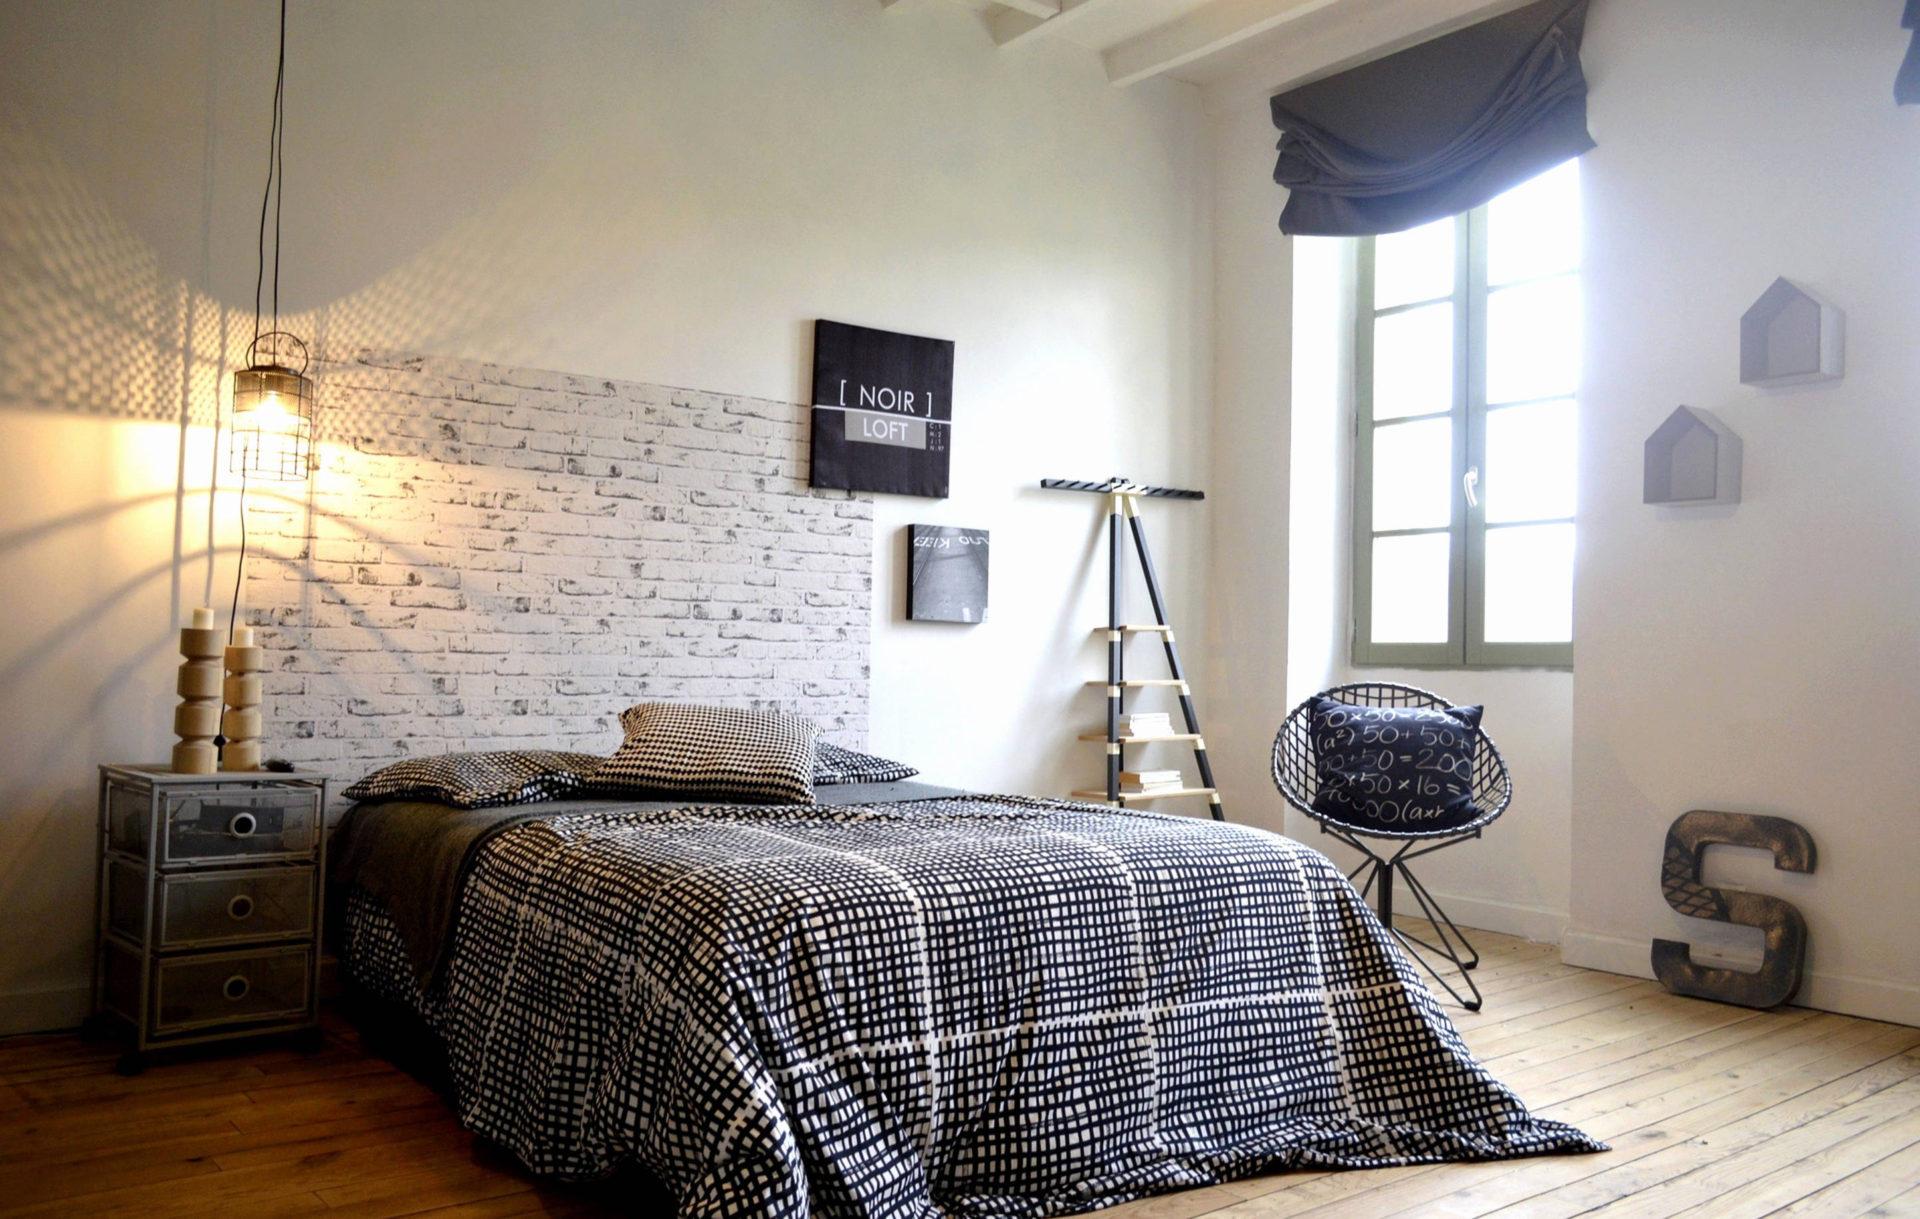 Quelle déco industrielle pour une chambre ?